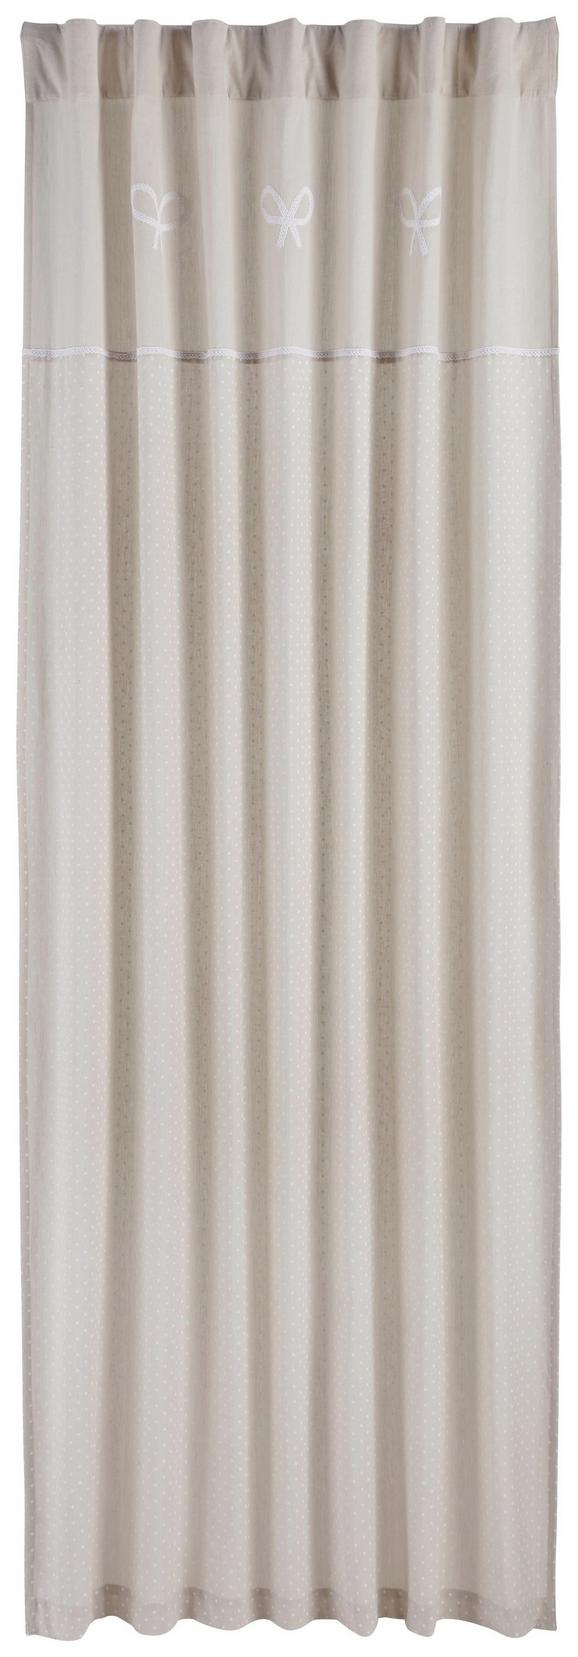 Schlaufenschal Elisabeth Beige 140x245cm - Beige, ROMANTIK / LANDHAUS, Textil (140/245cm) - ZANDIARA